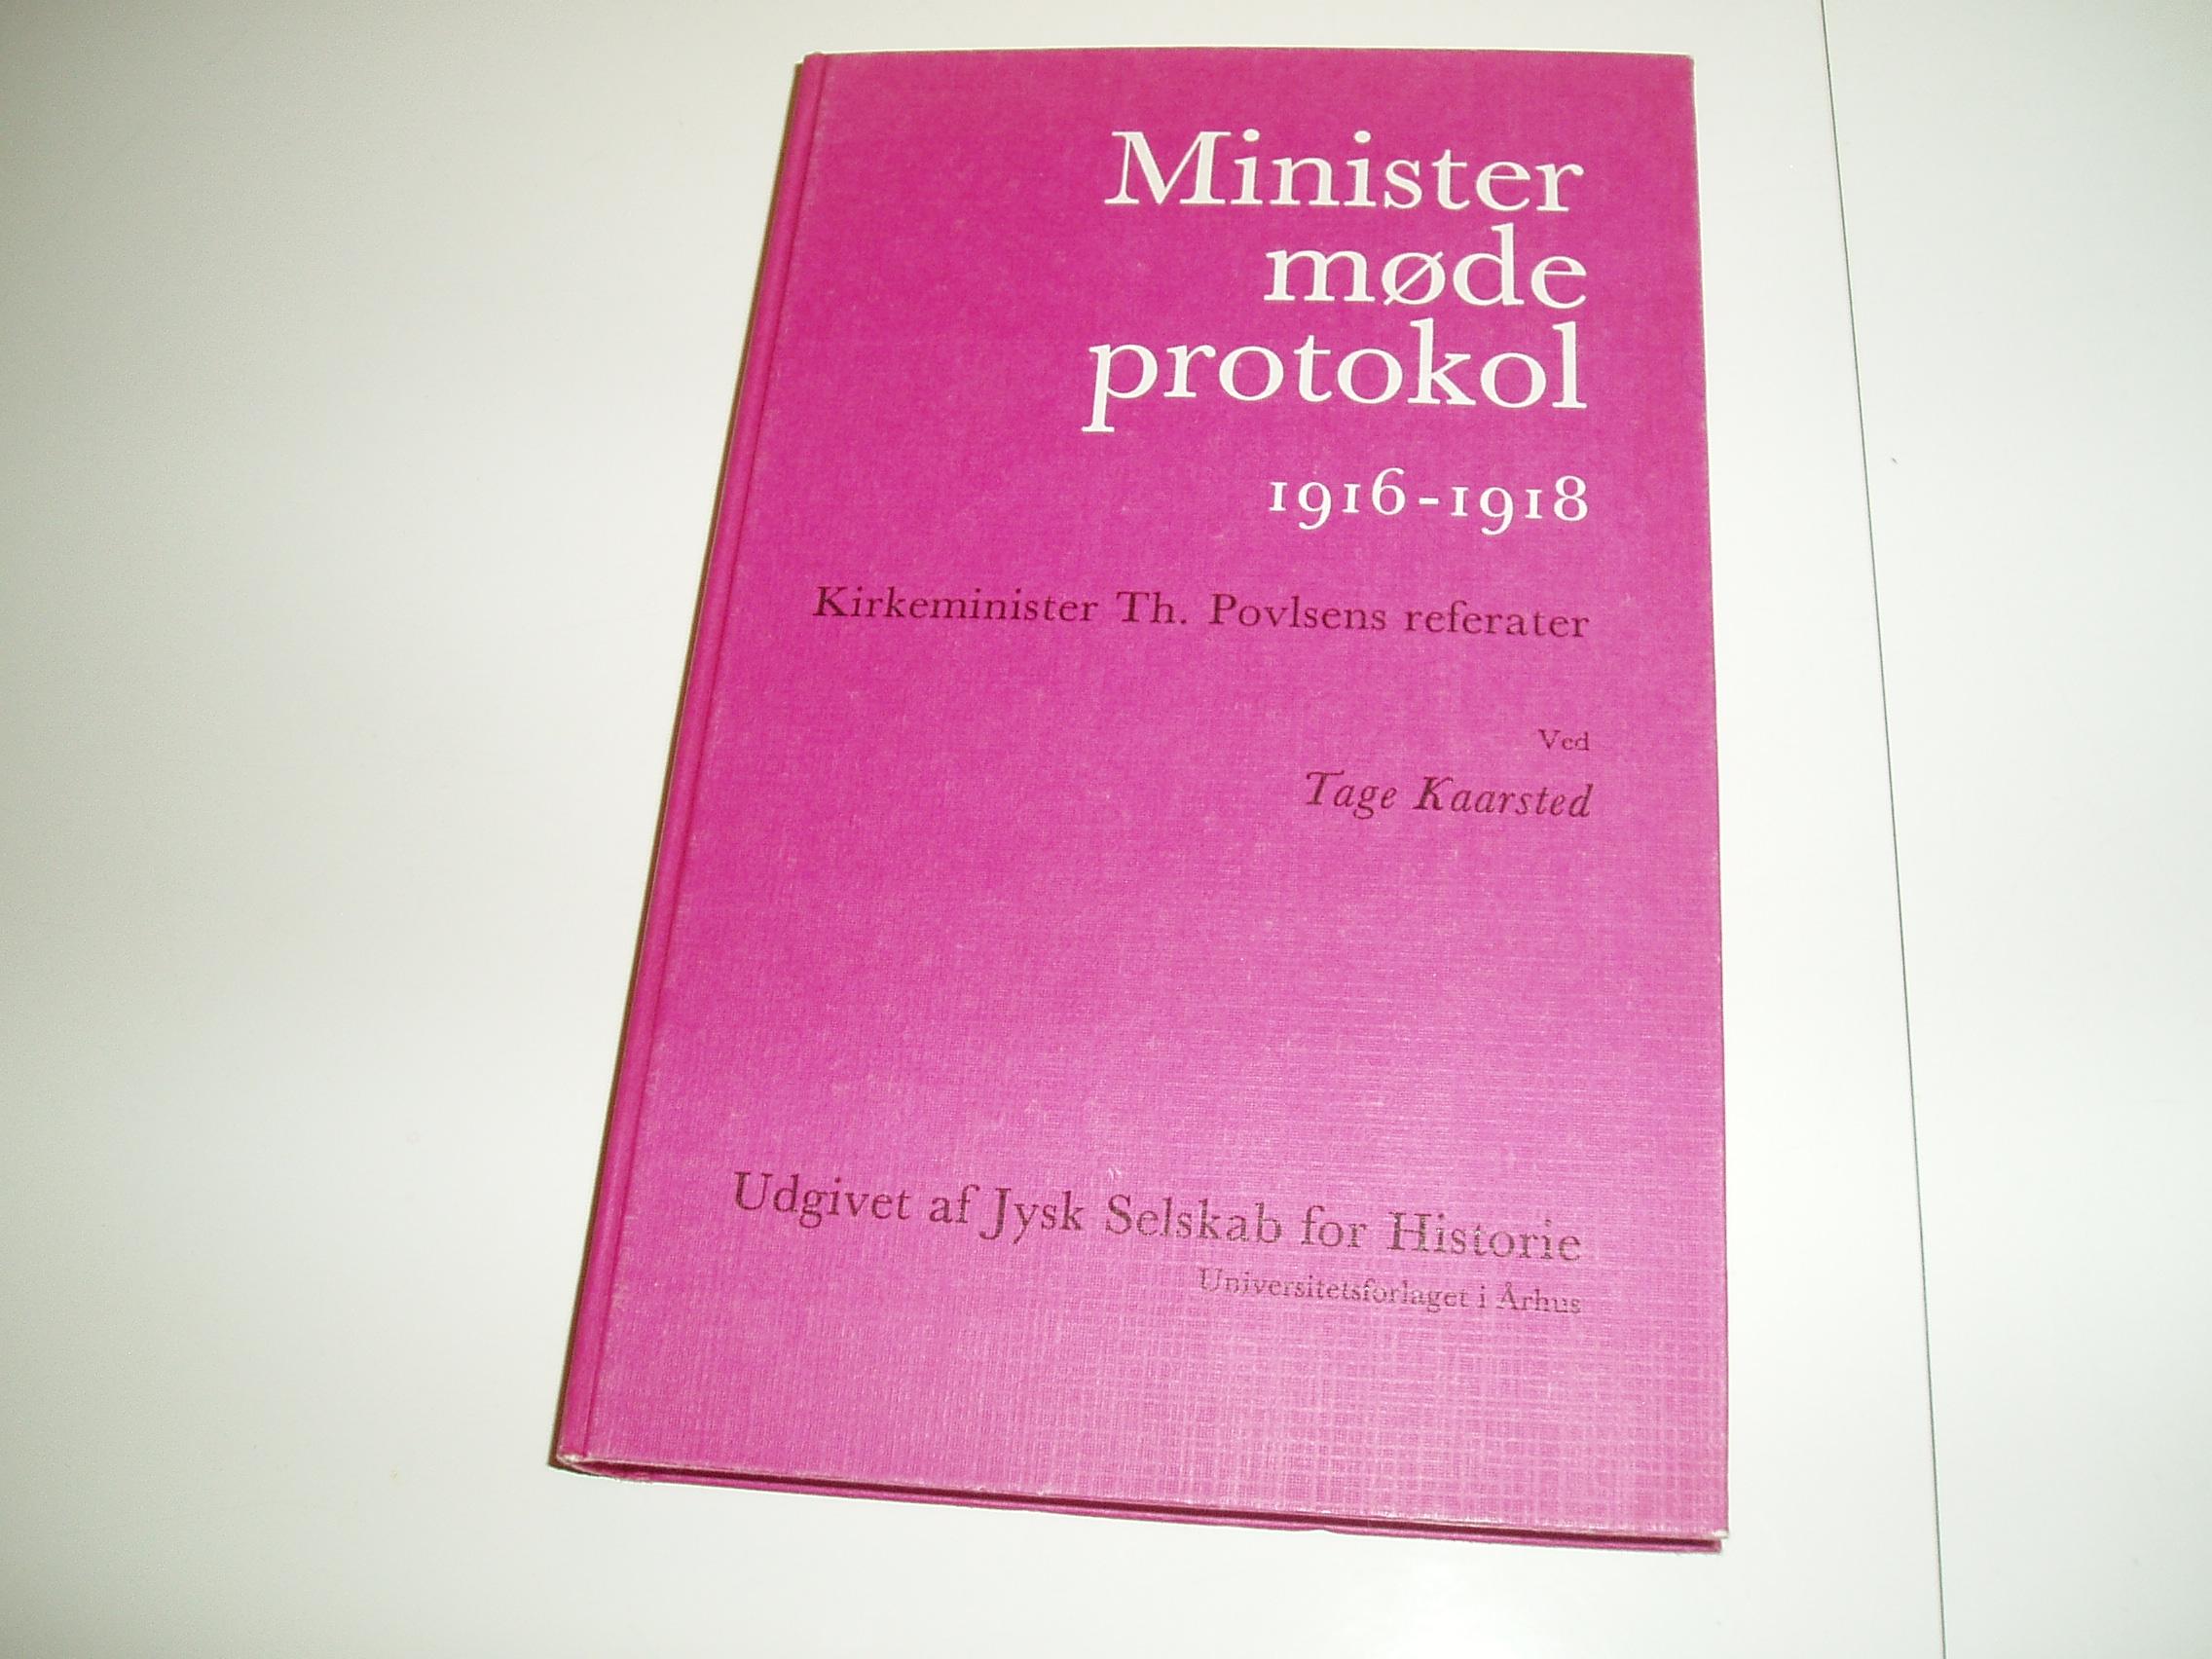 Ministermødeprotokol 1916-1918. Kirkeminister Th. Povlsens refer